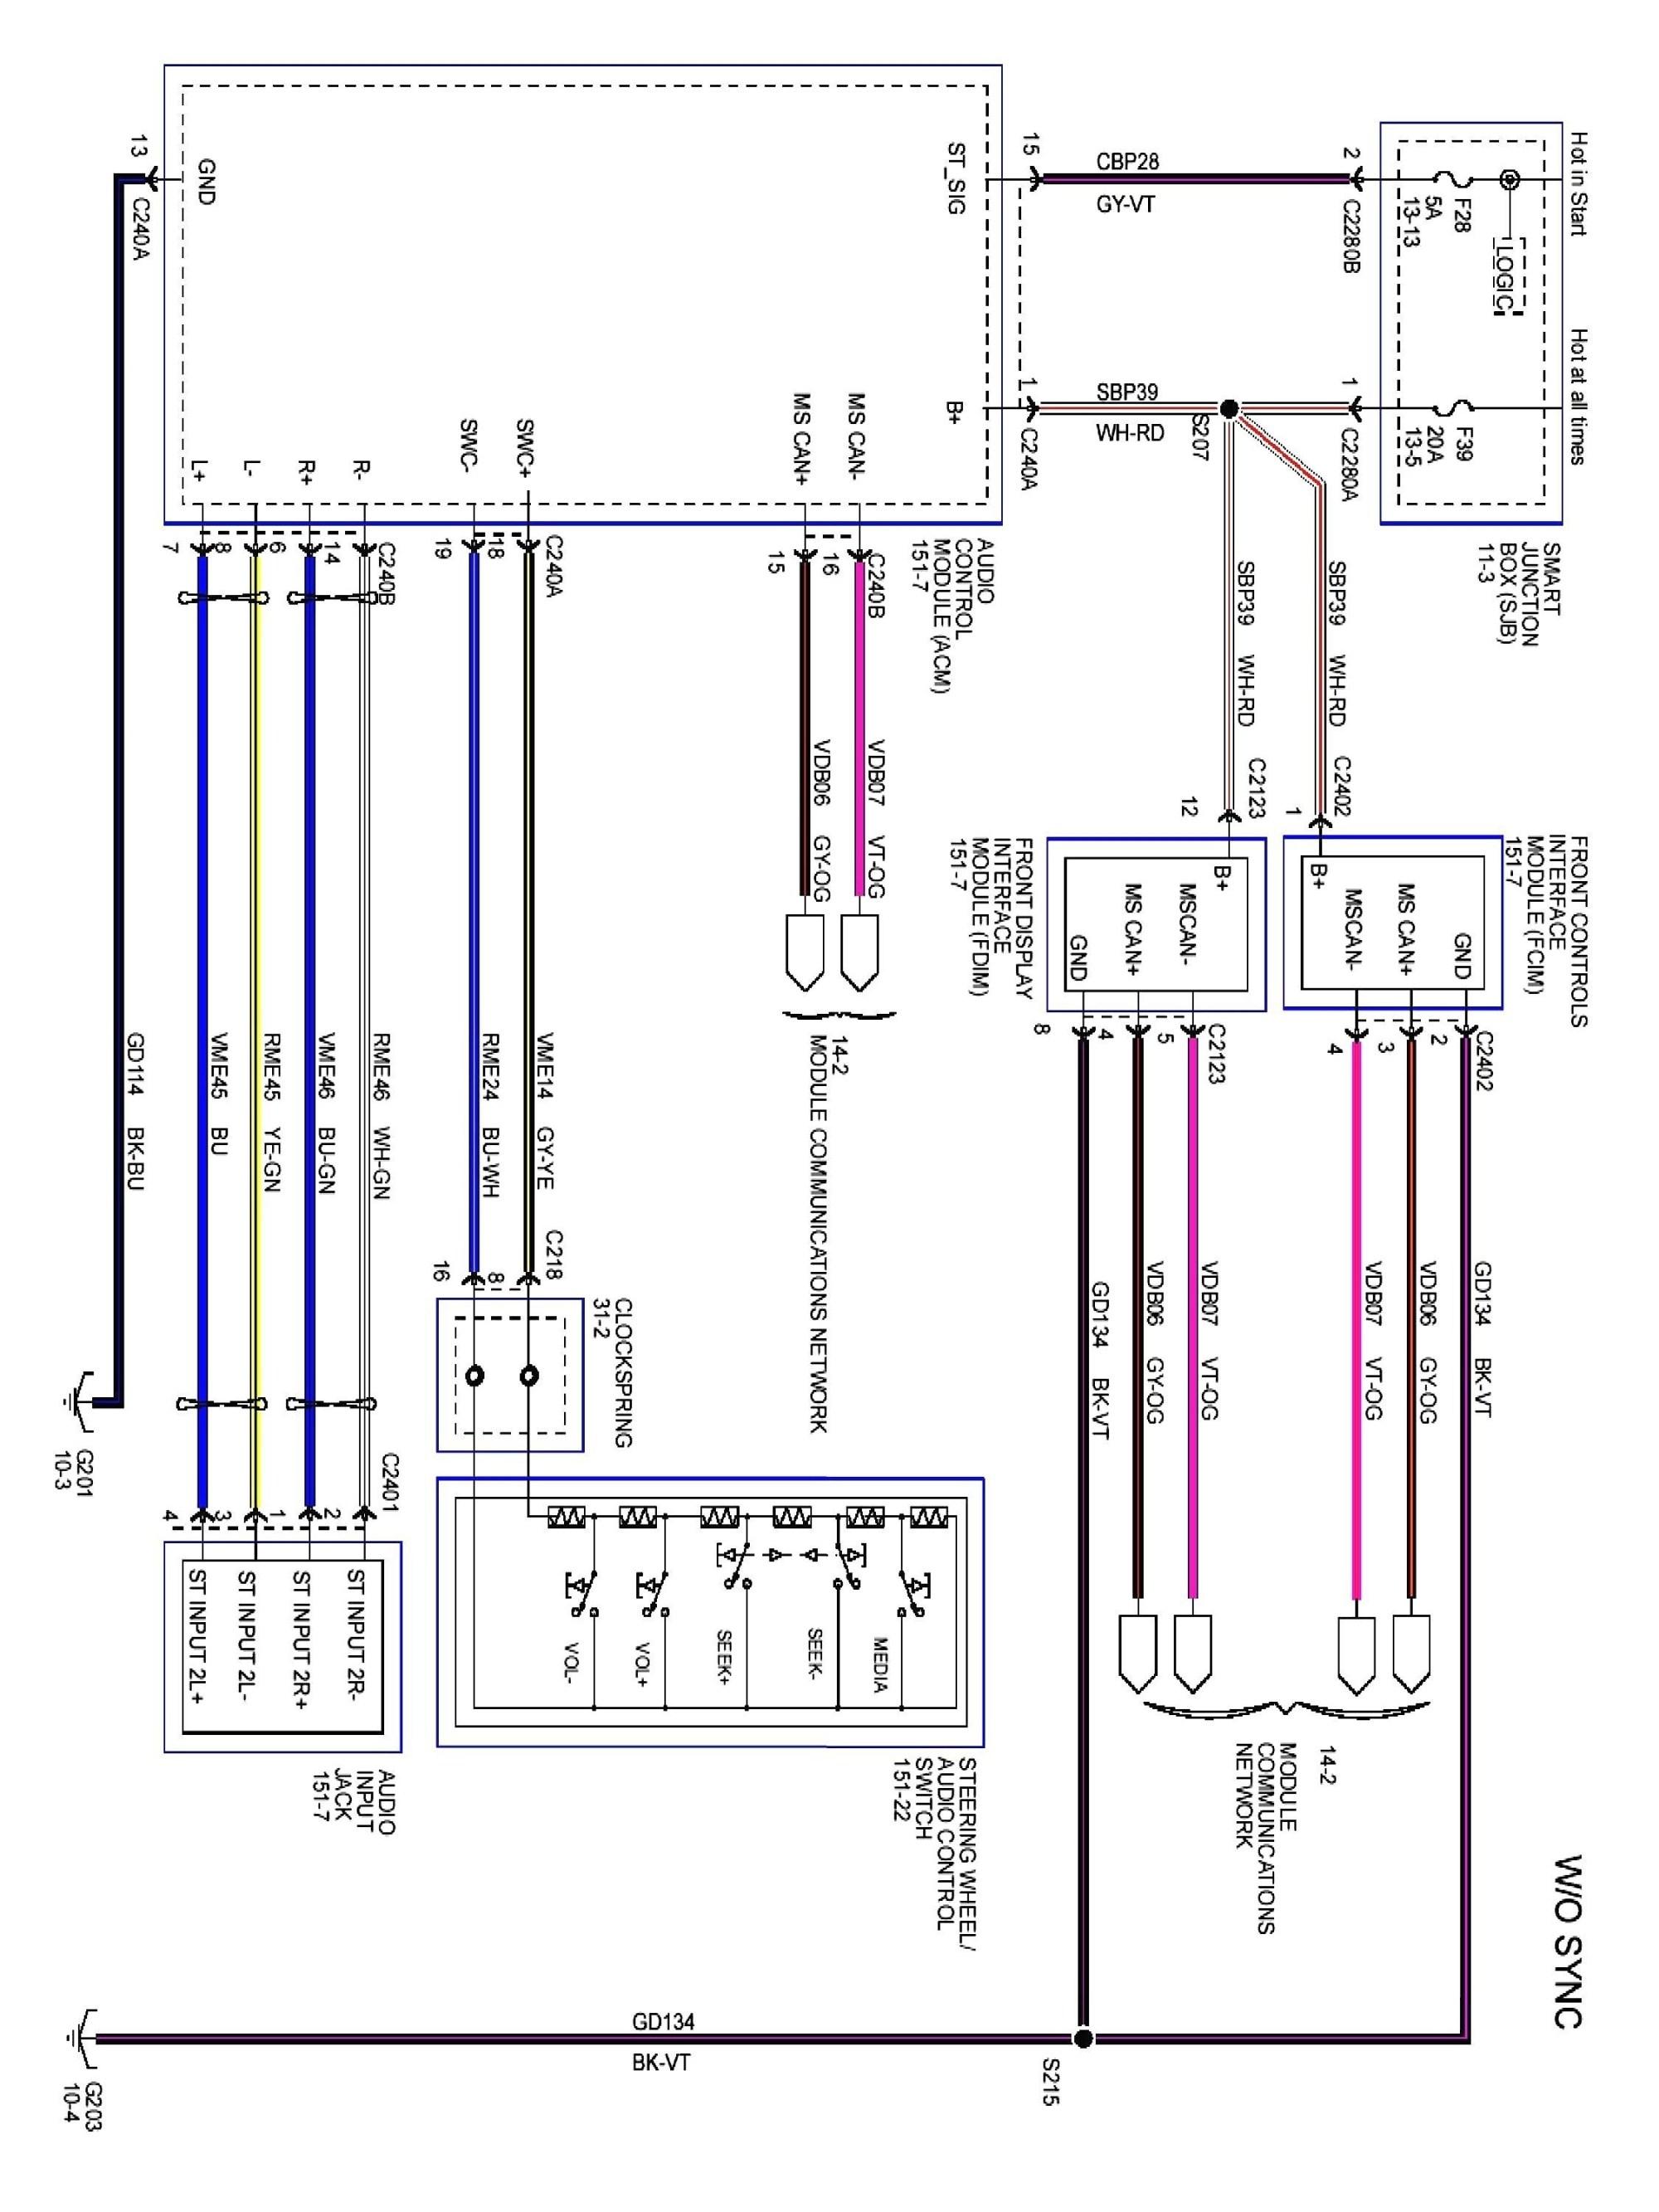 hight resolution of 2006 kia sedona engine diagram kia automotive wiring diagrams books wiring diagram of 2006 kia